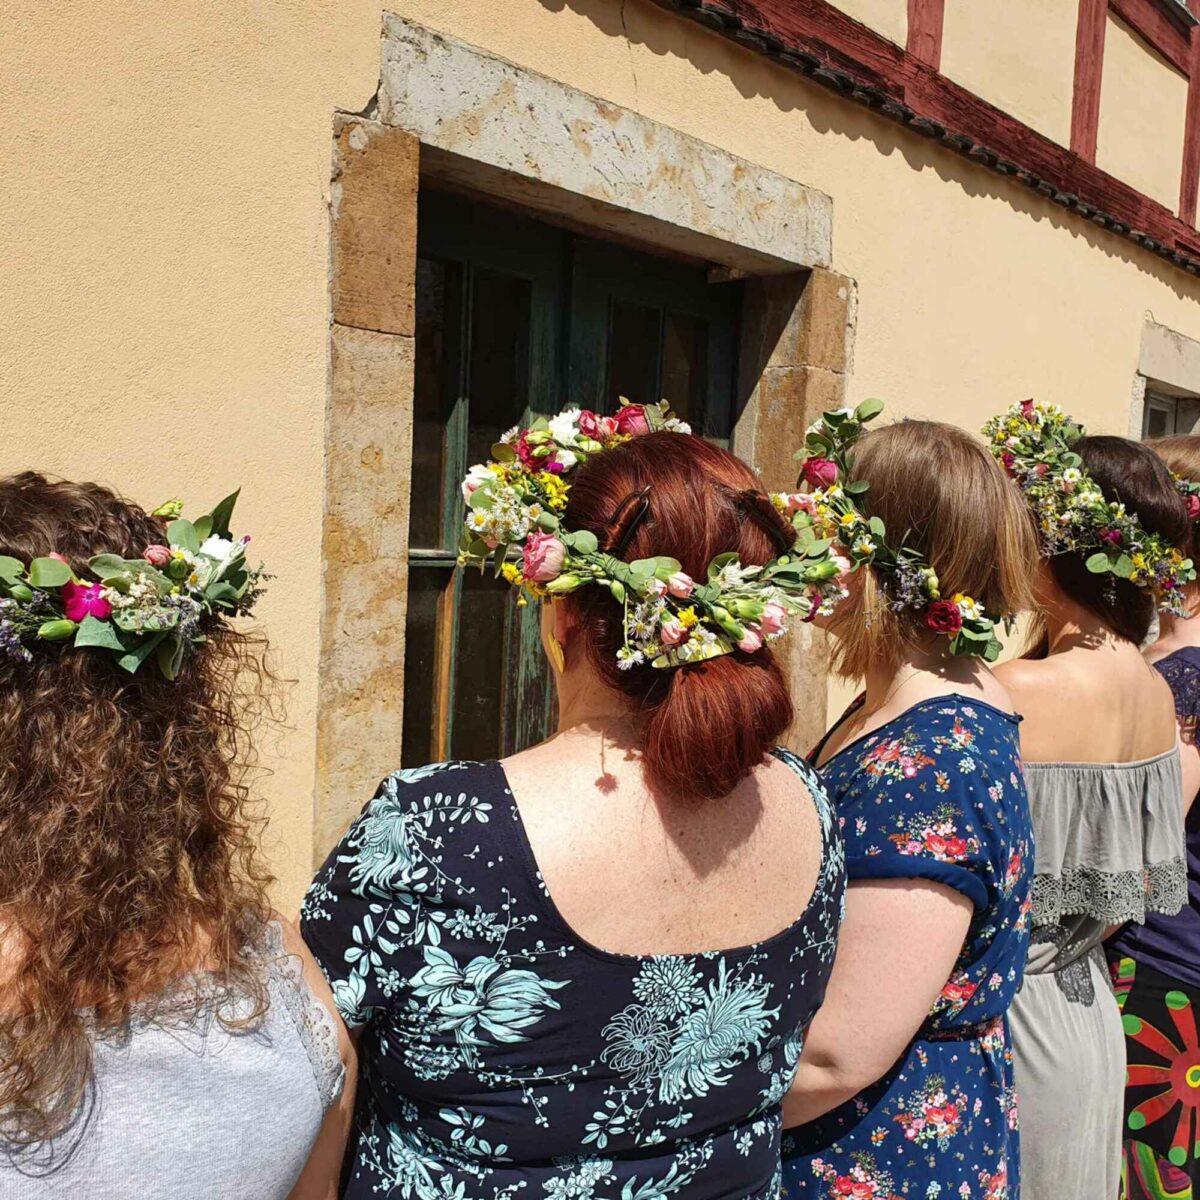 JGA feiern - Junggesellinnenabschied Blütenkranz bastel Dresden Moritzburg